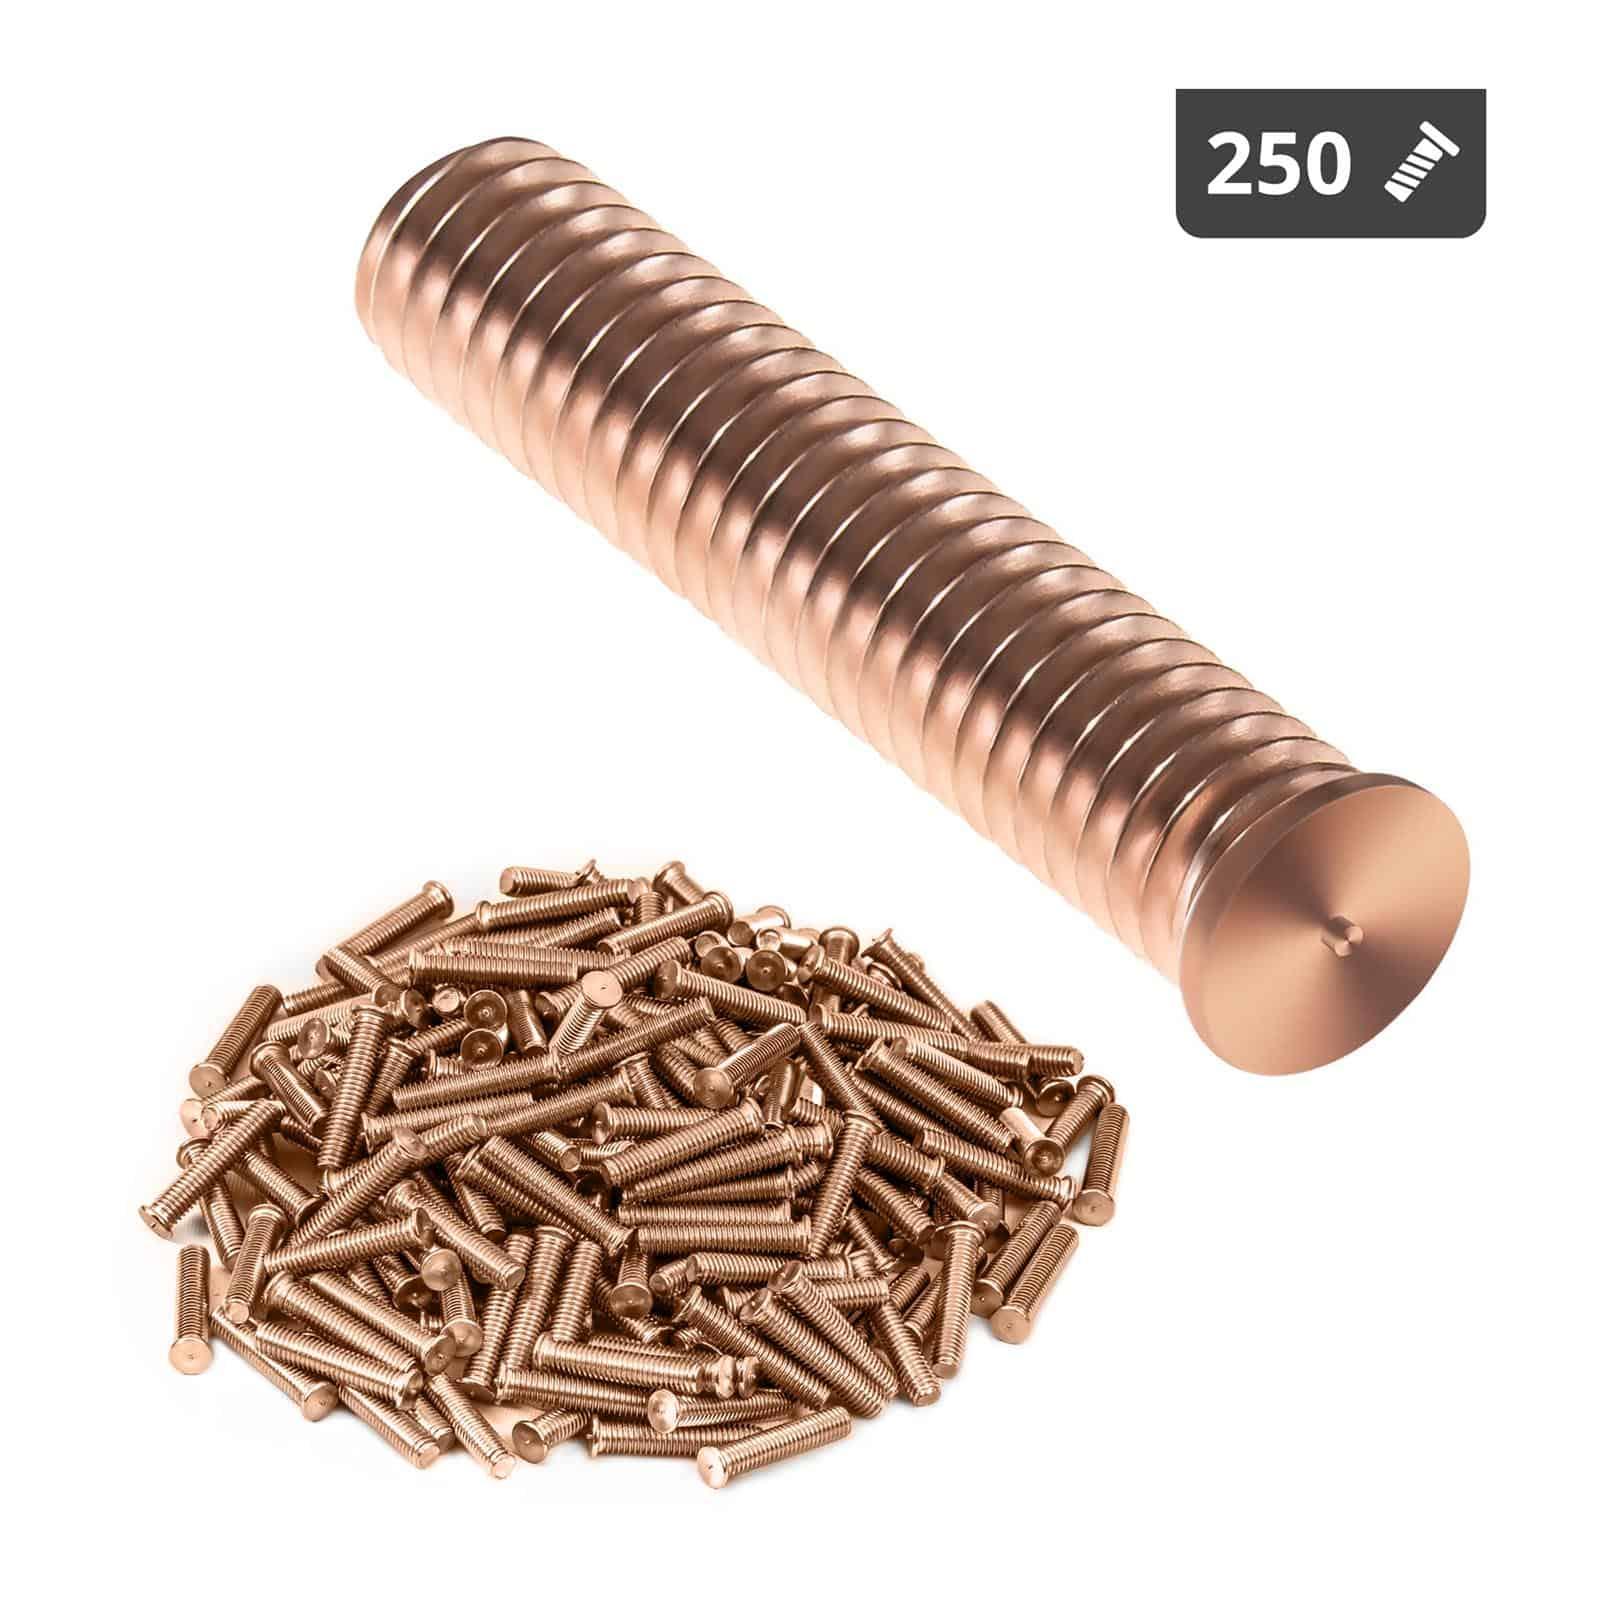 Kołki do zgrzewania - M8 - 40 mm - 250 sztuk